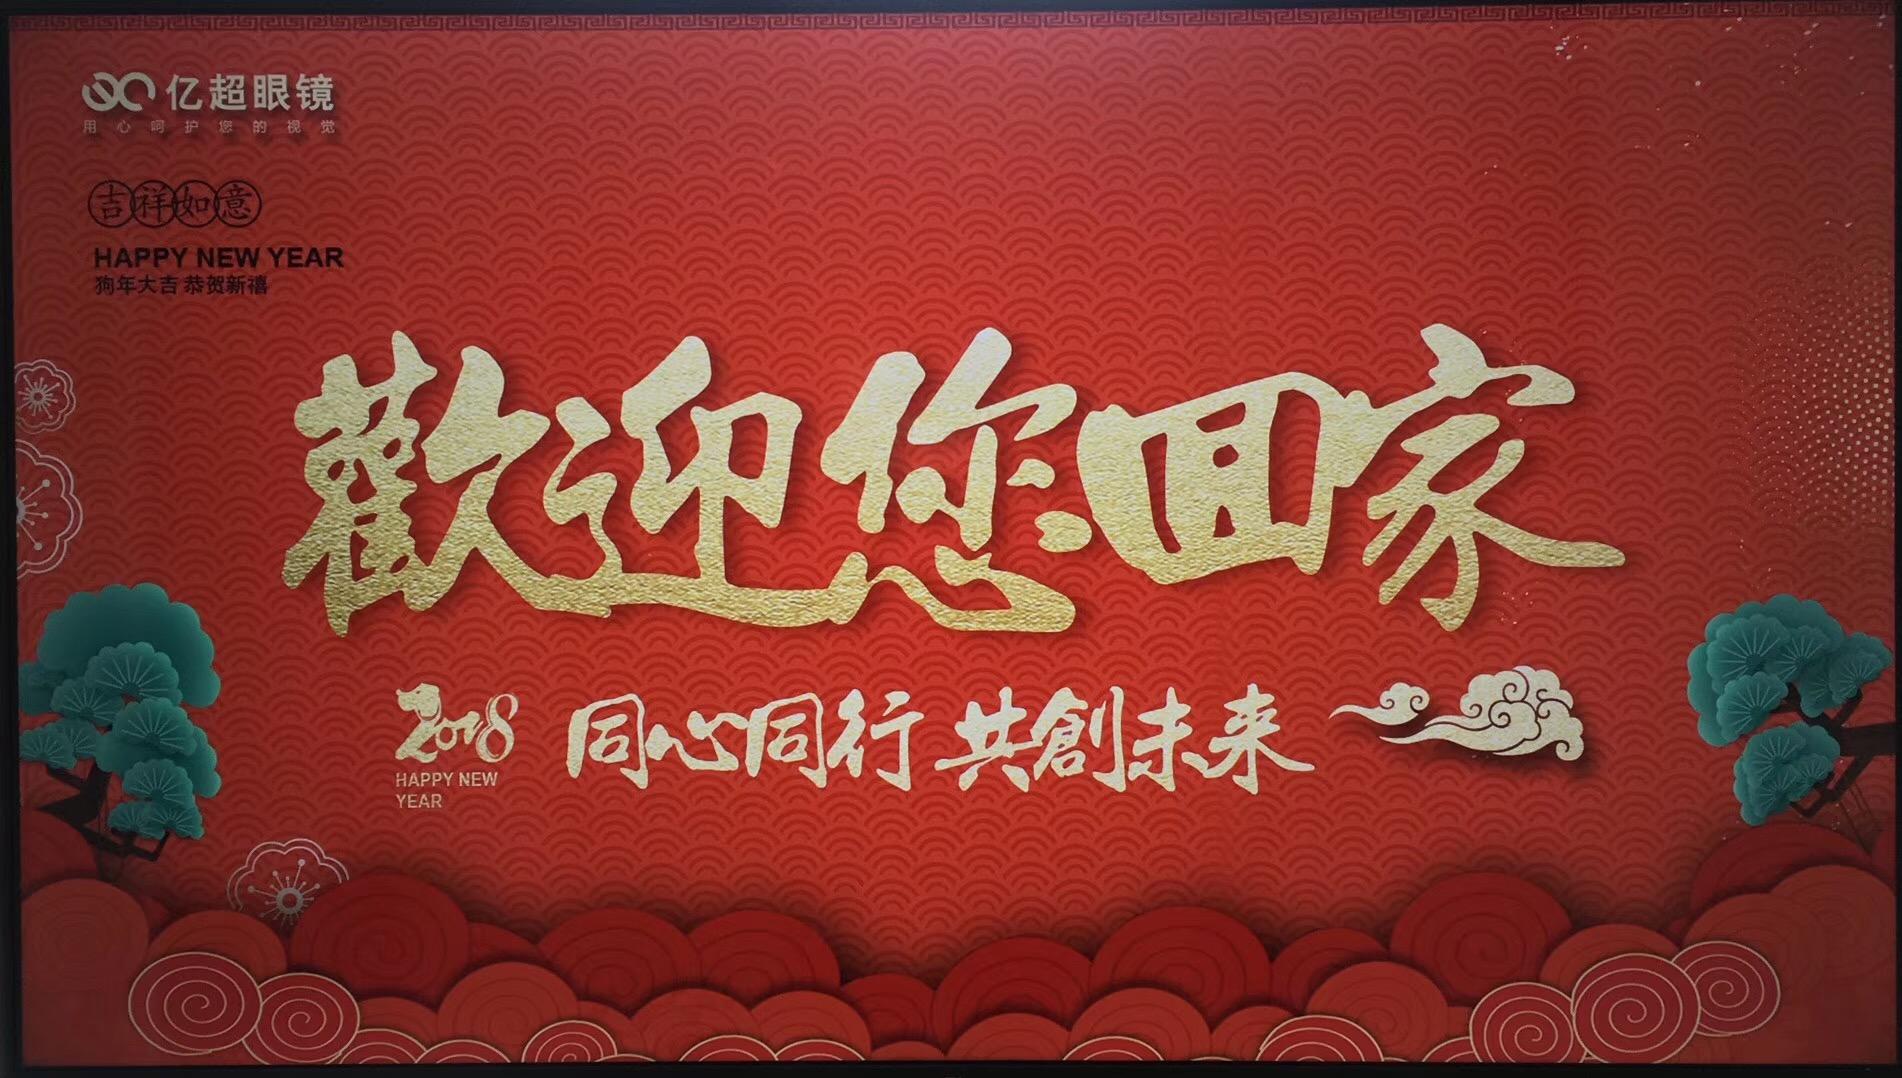 全国各地加盟商千里迢迢奔赴杭州参加亿超眼镜跨年晚会